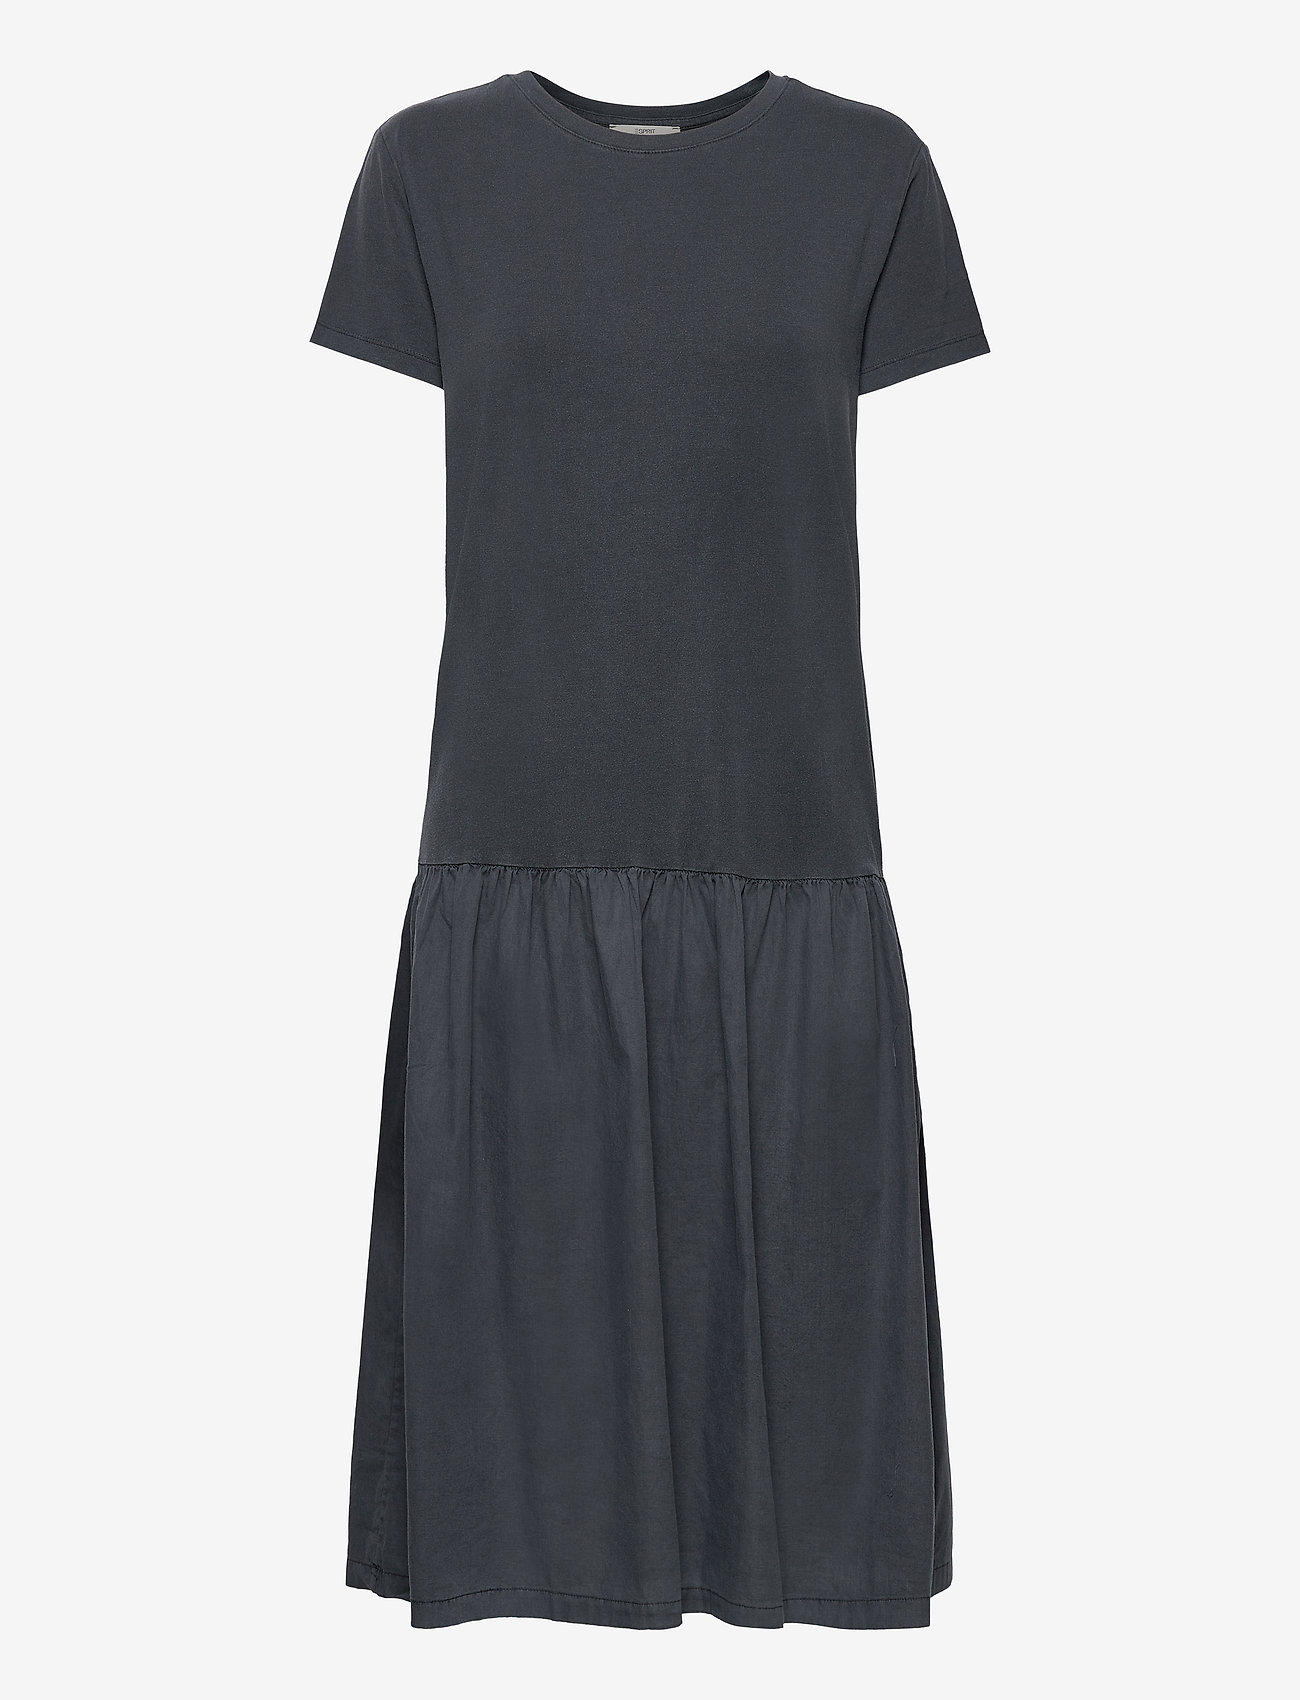 Esprit Casual - Dresses knitted - midi kjoler - black - 1